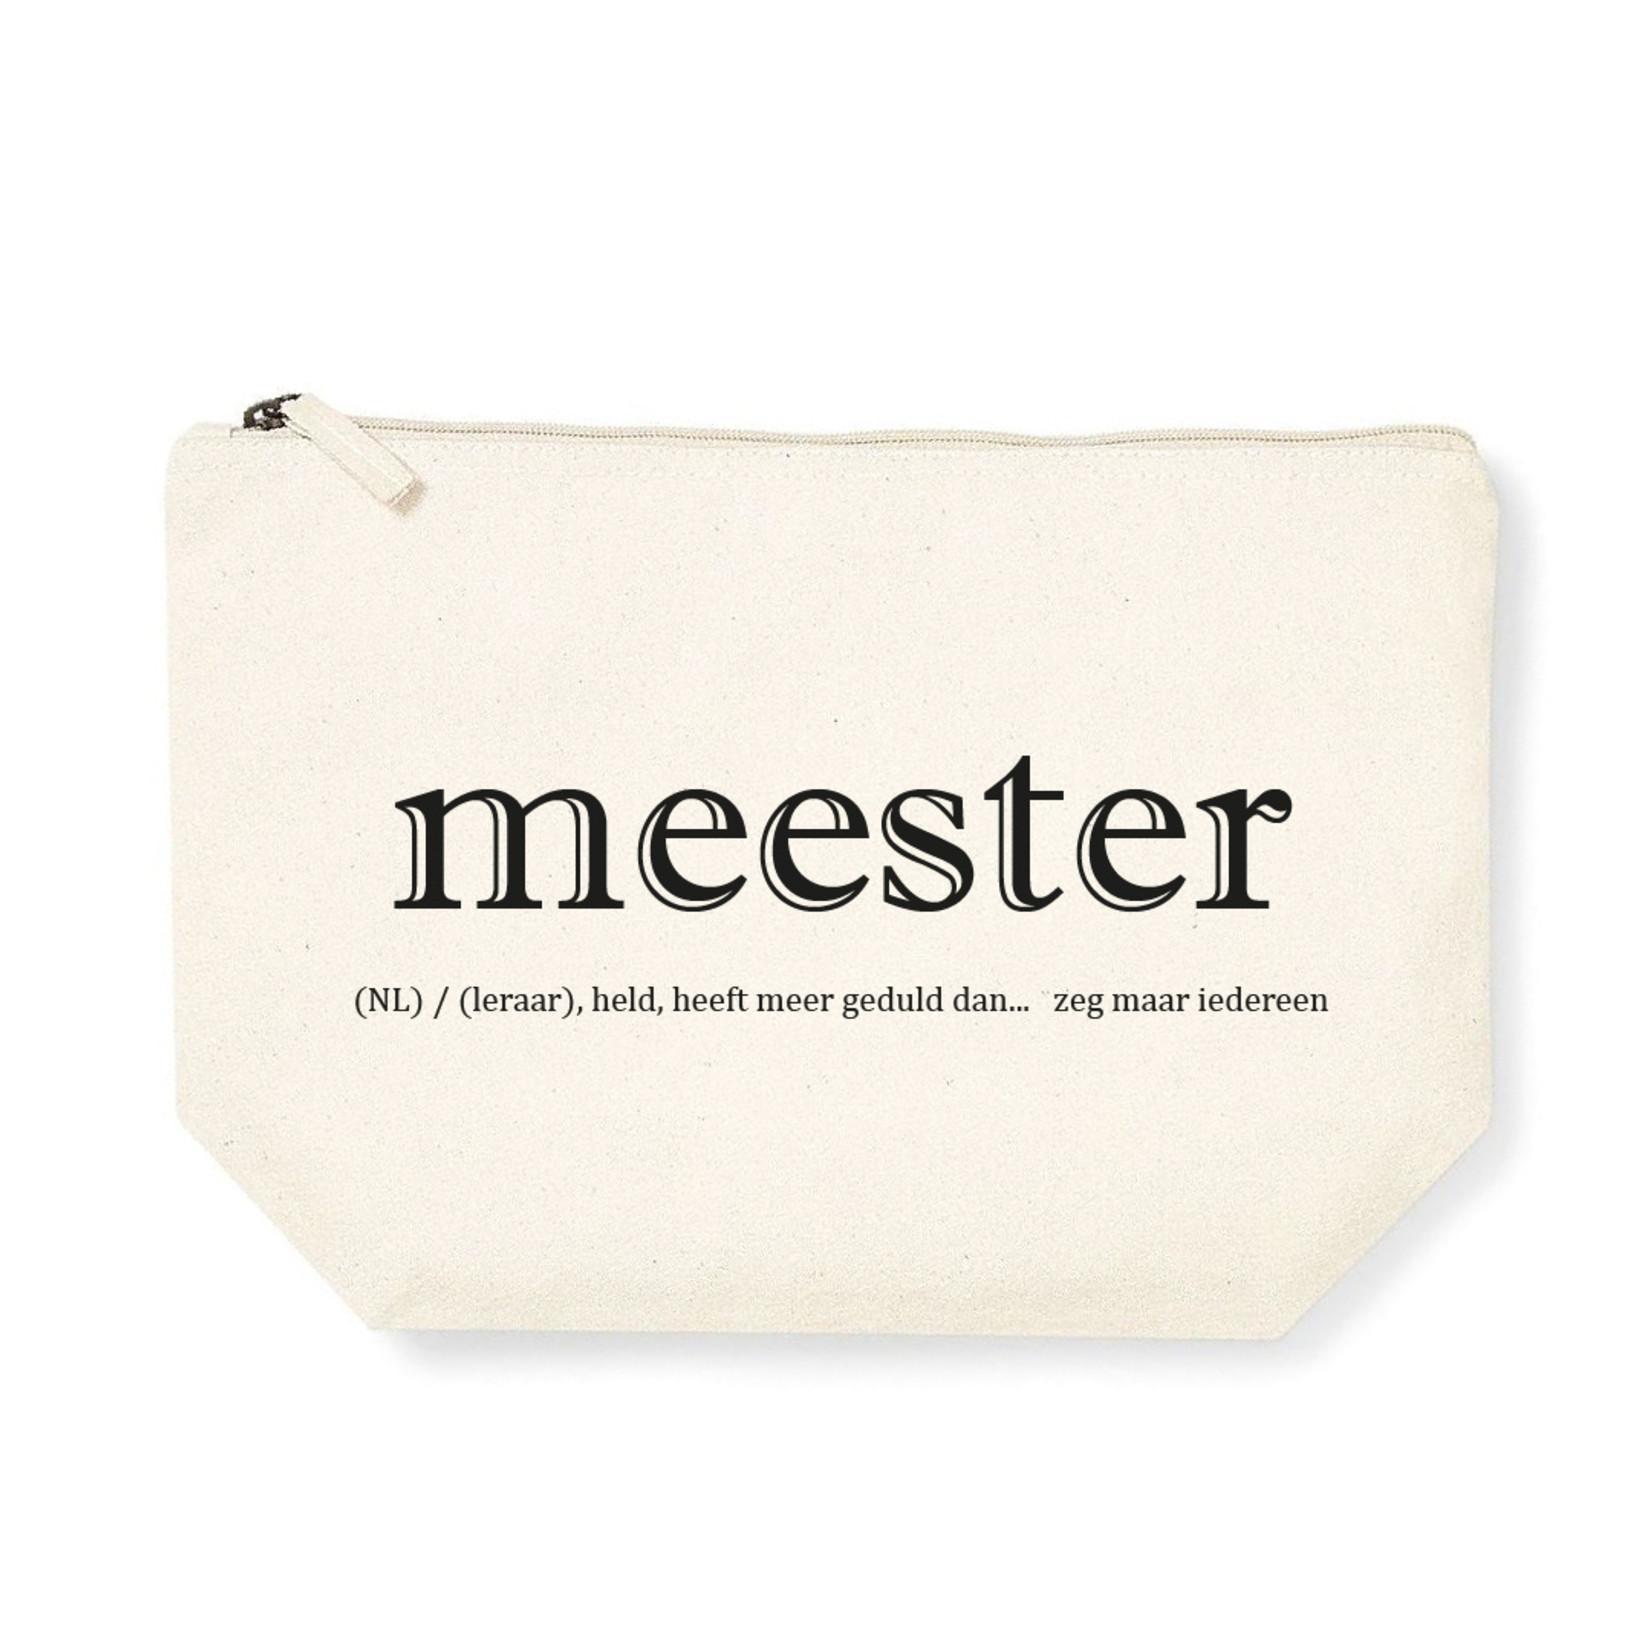 The Trend Girls Etui Meester